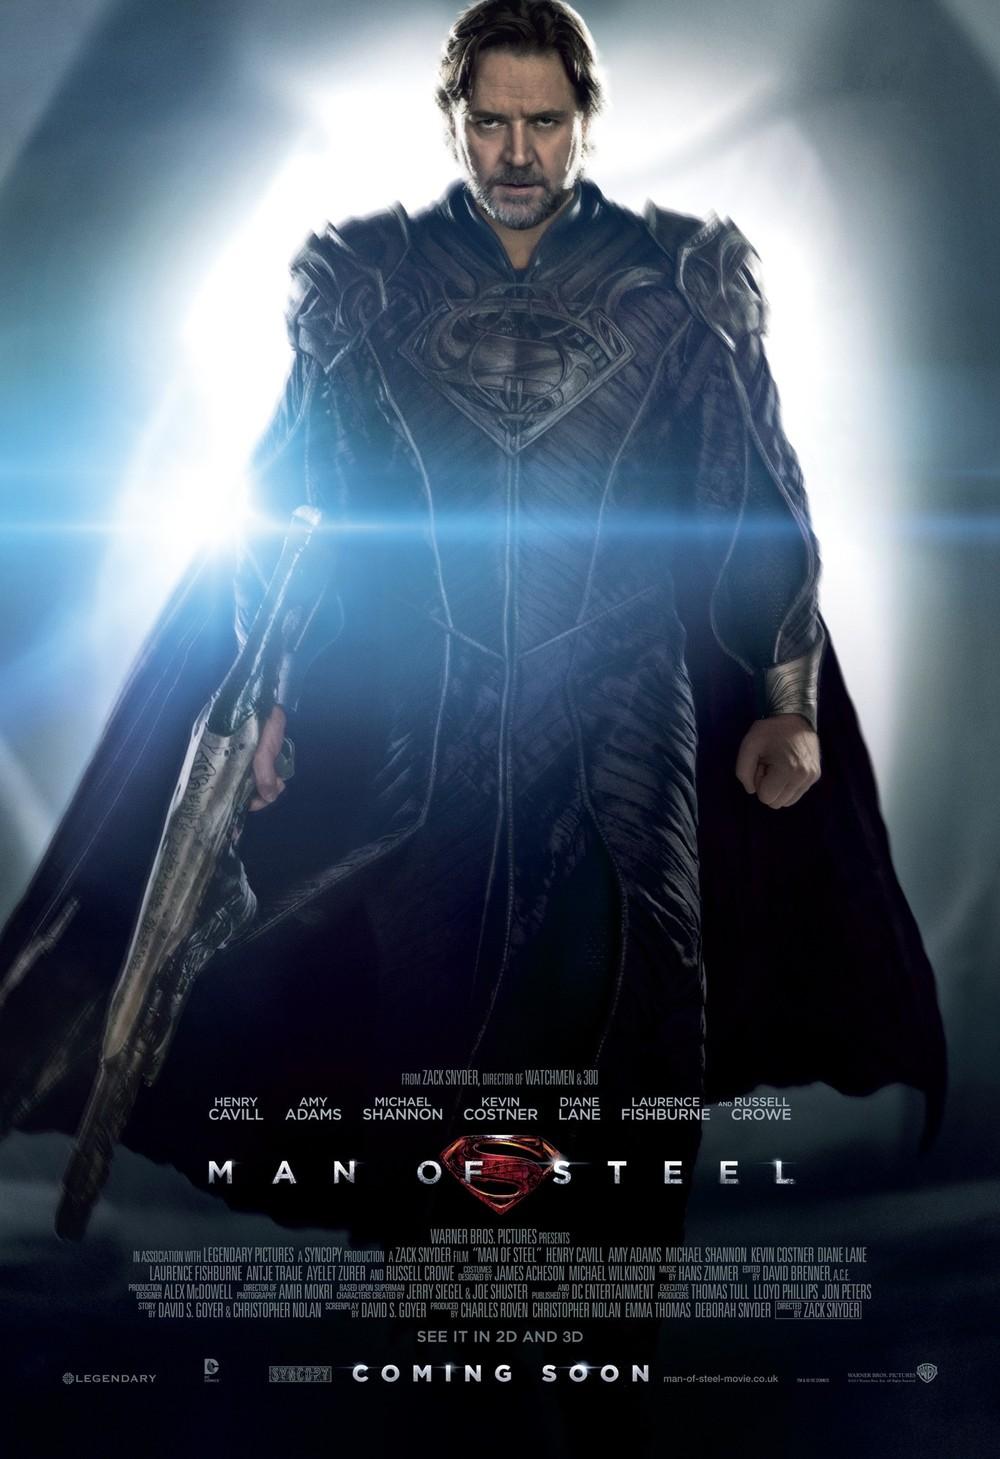 Man of steel dvd release date canada